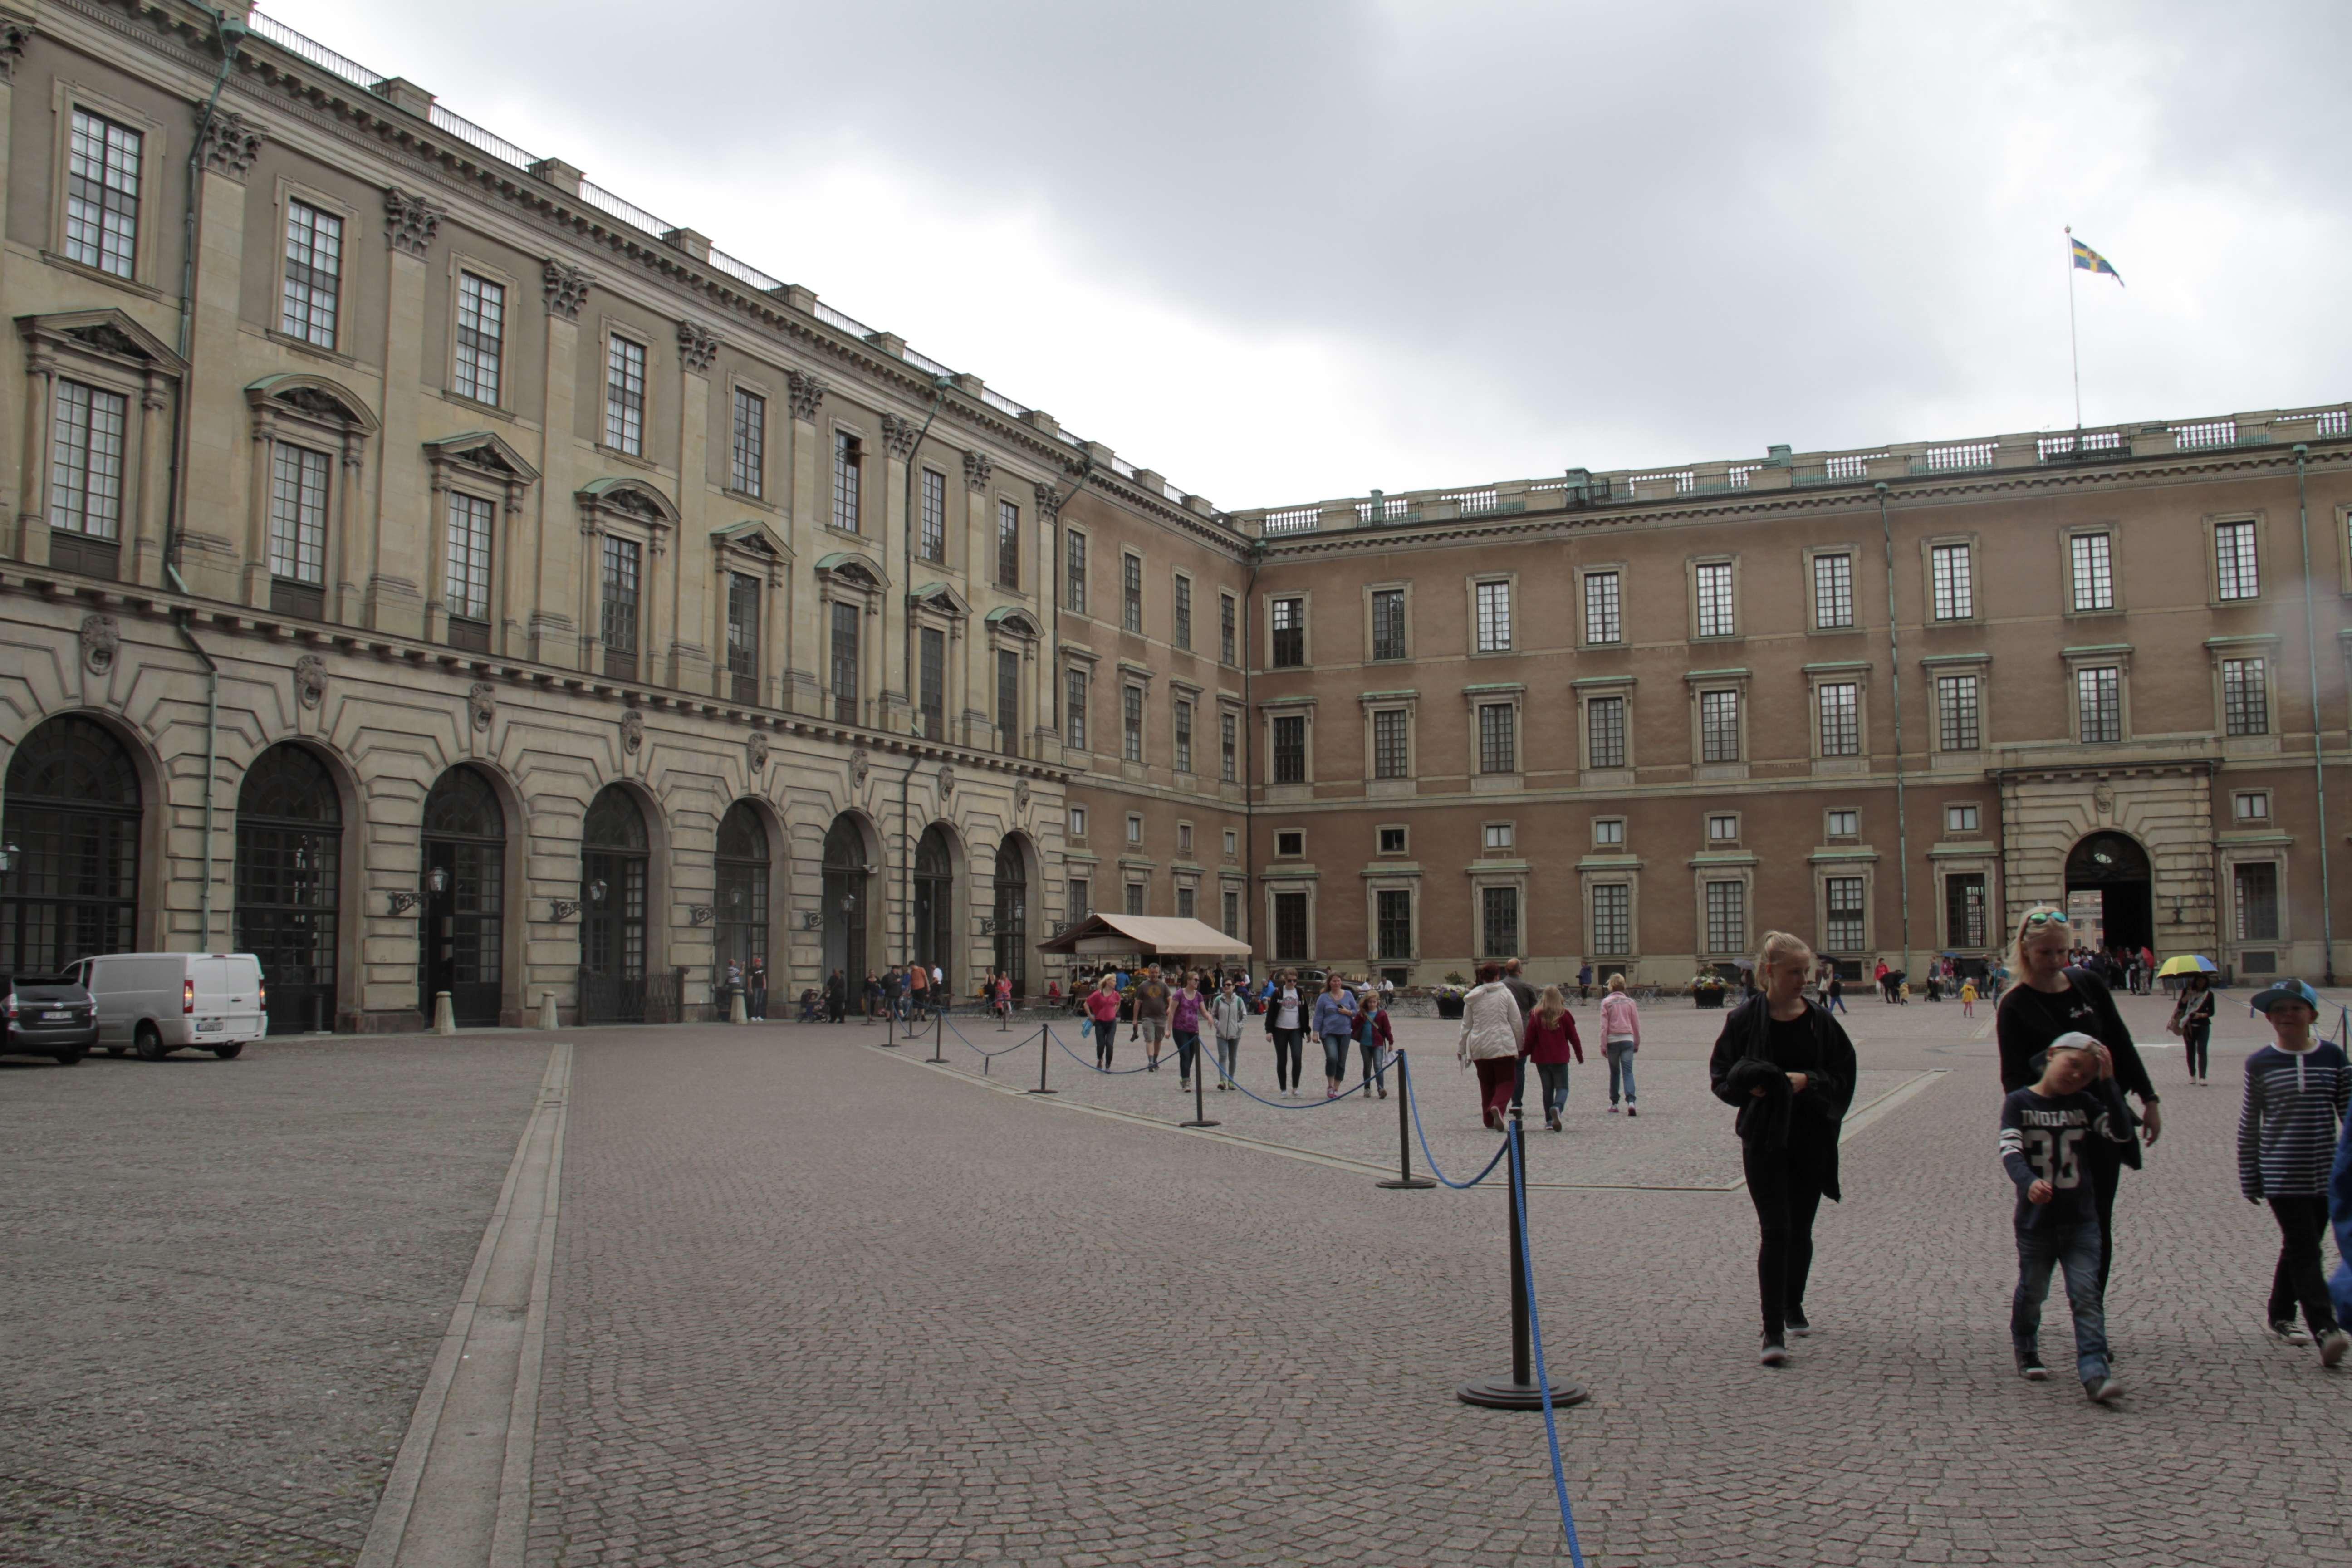 Suede_0013 Stockholm Gamla Stan palais royal